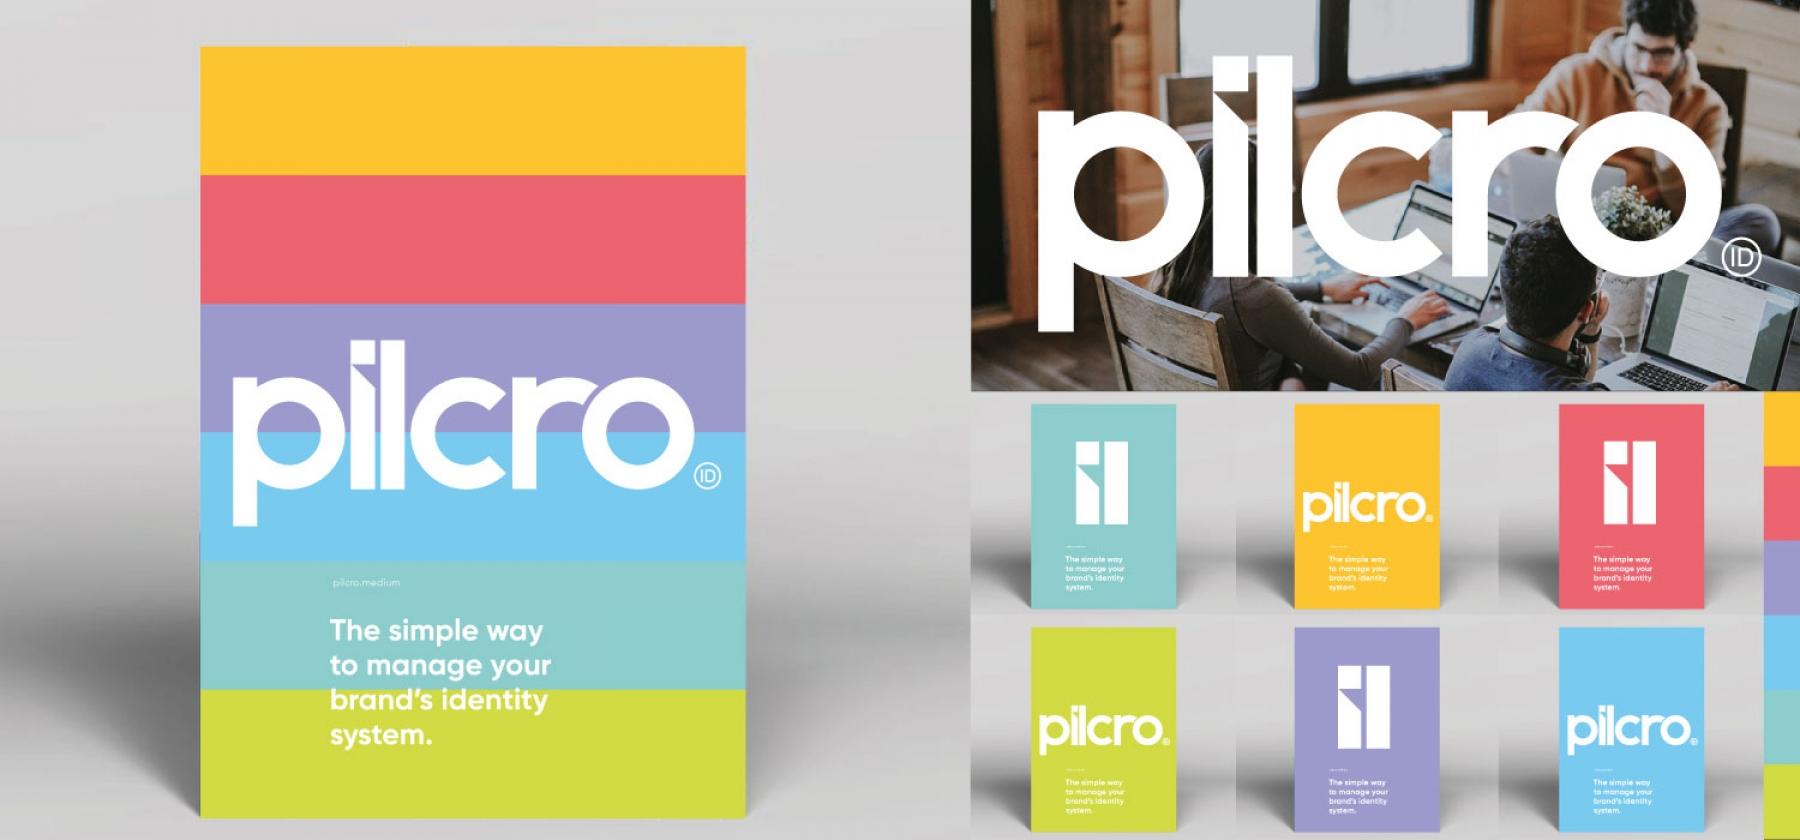 Pilcro_1500x700-11